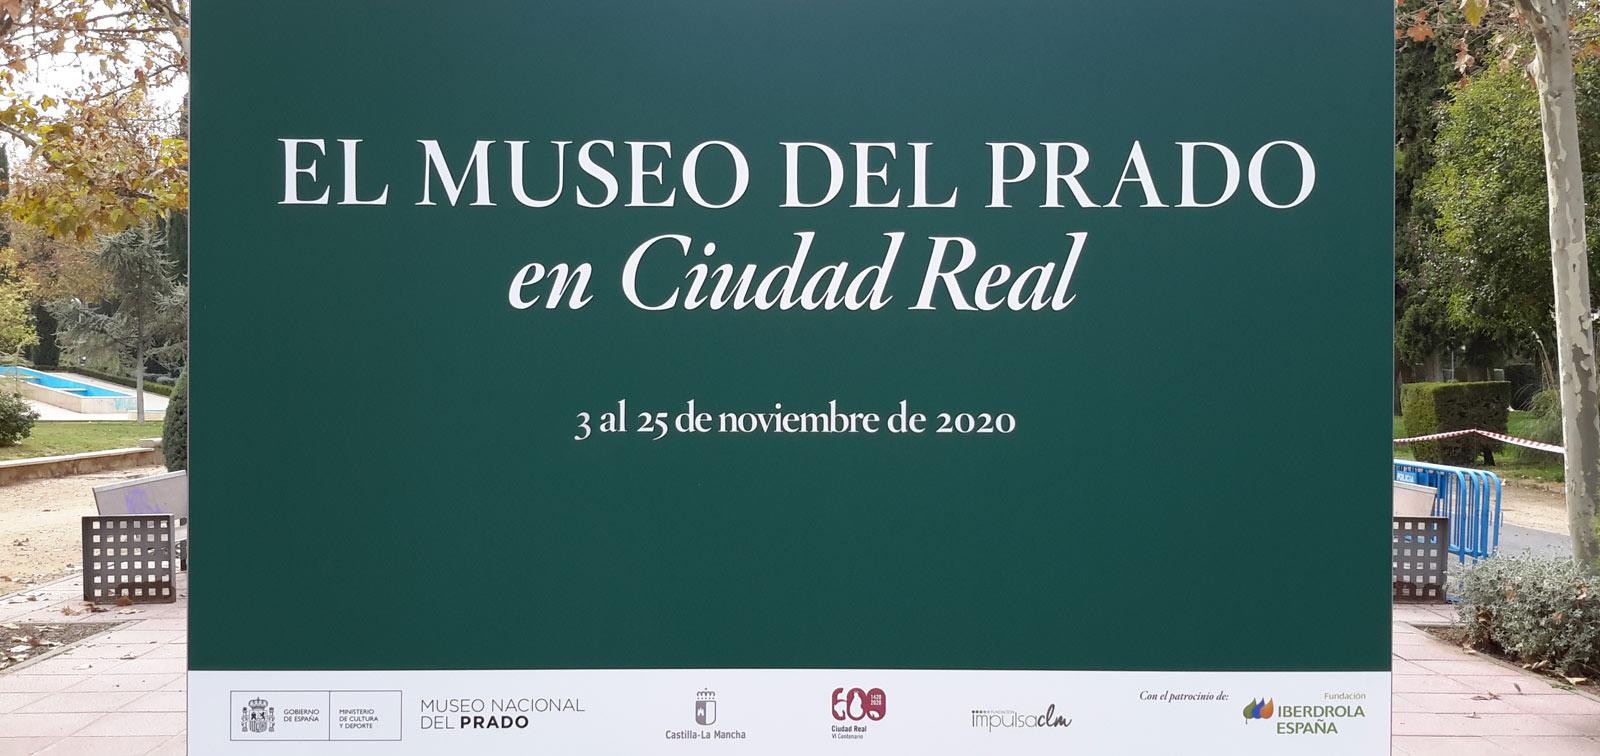 Exposición didáctica: El Museo del Prado en Ciudad Real